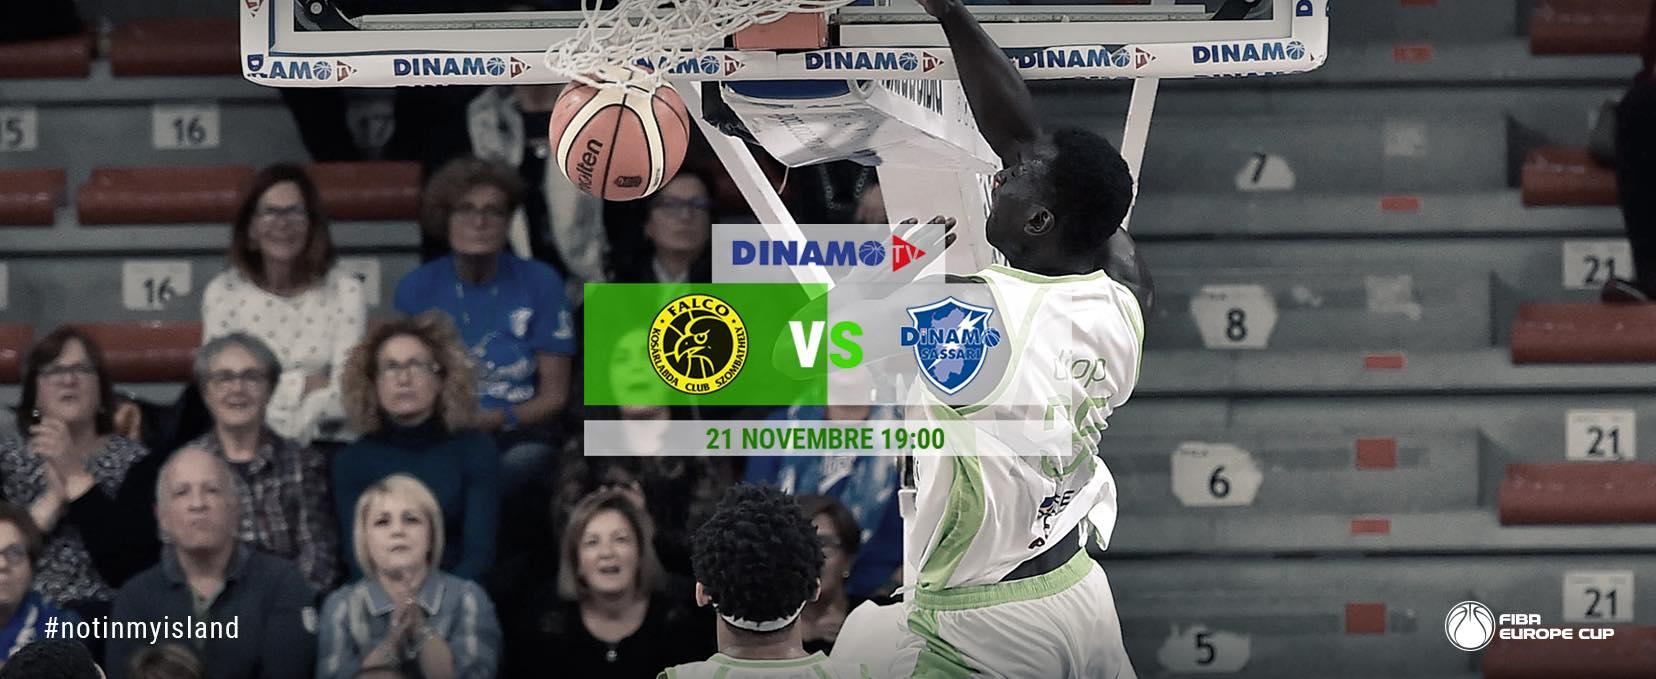 FIBA Europe Cup #Round6 2018-19: ultimo match nel gruppo H per la Dinamo Banco di Sardegna in Ungheria vs il Falco Vulcano per il primo posto